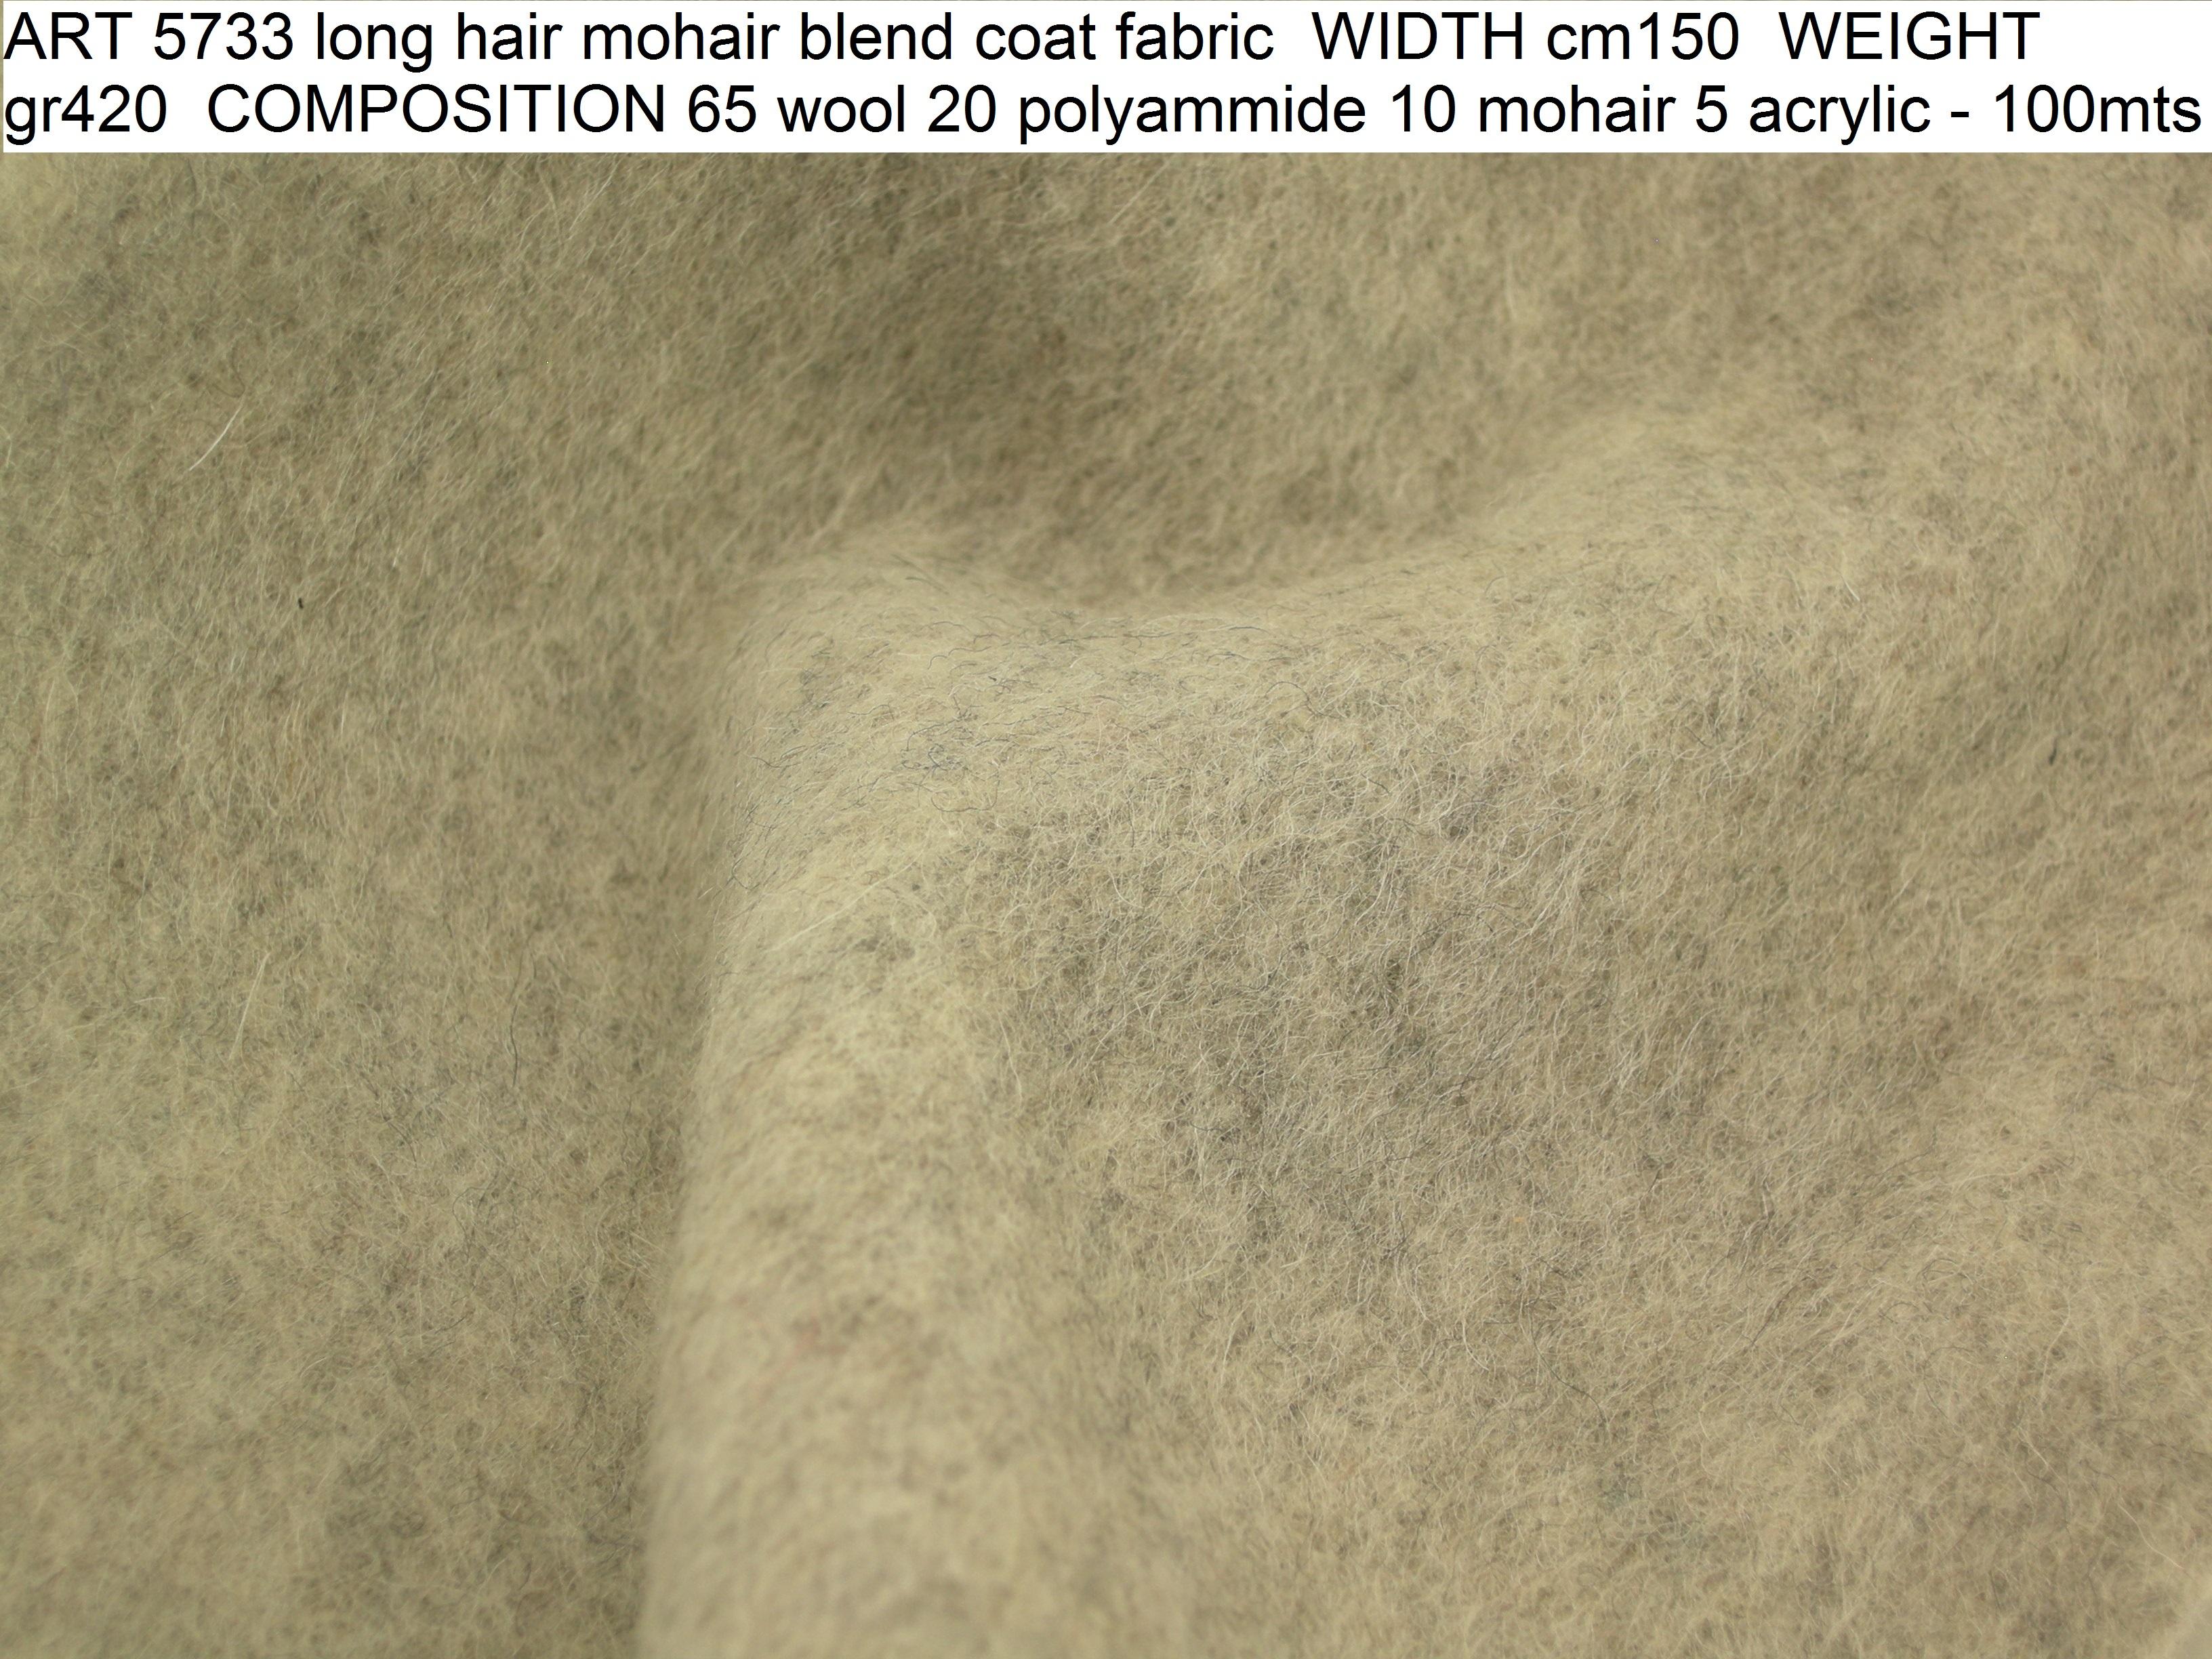 ART 5733 long hair mohair blend coat fabric WIDTH cm150 WEIGHT gr420 COMPOSITION 65 wool 20 polyammide 10 mohair 5 acrylic - 100mts